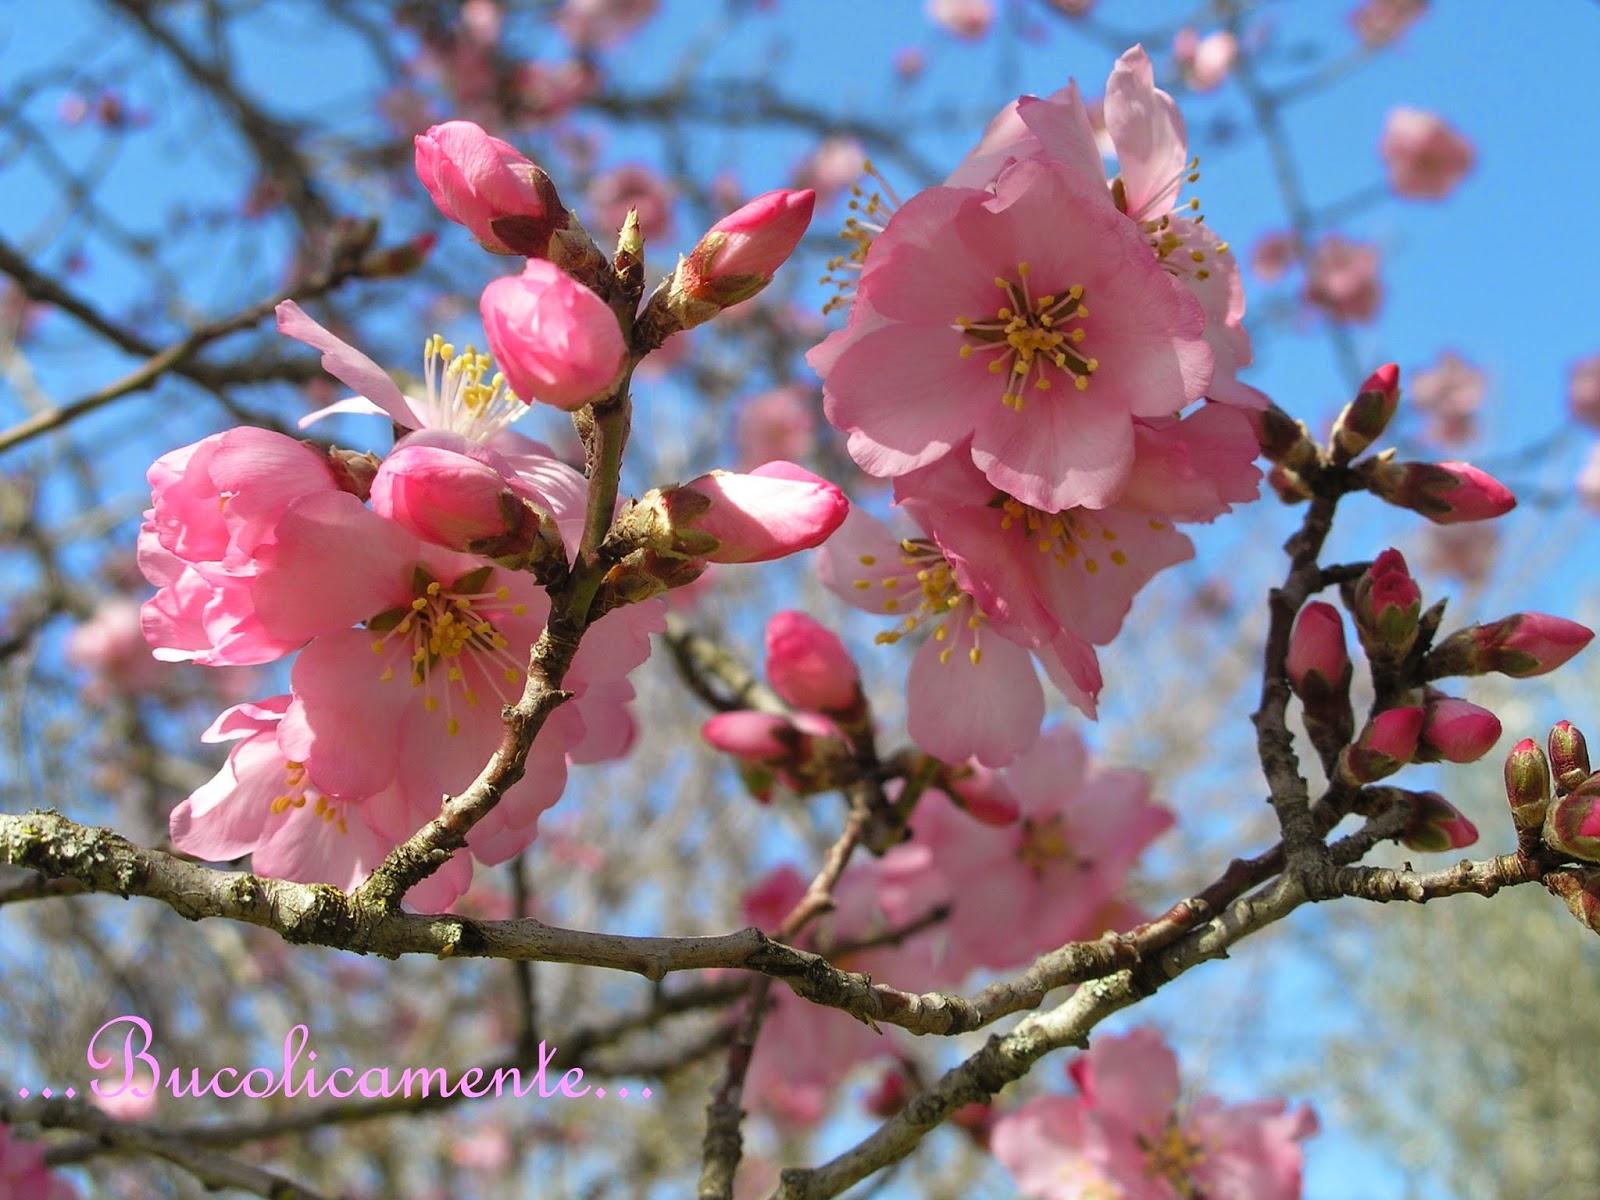 Bucolicamente alberi da frutto il mandorlo for Ocra pianta